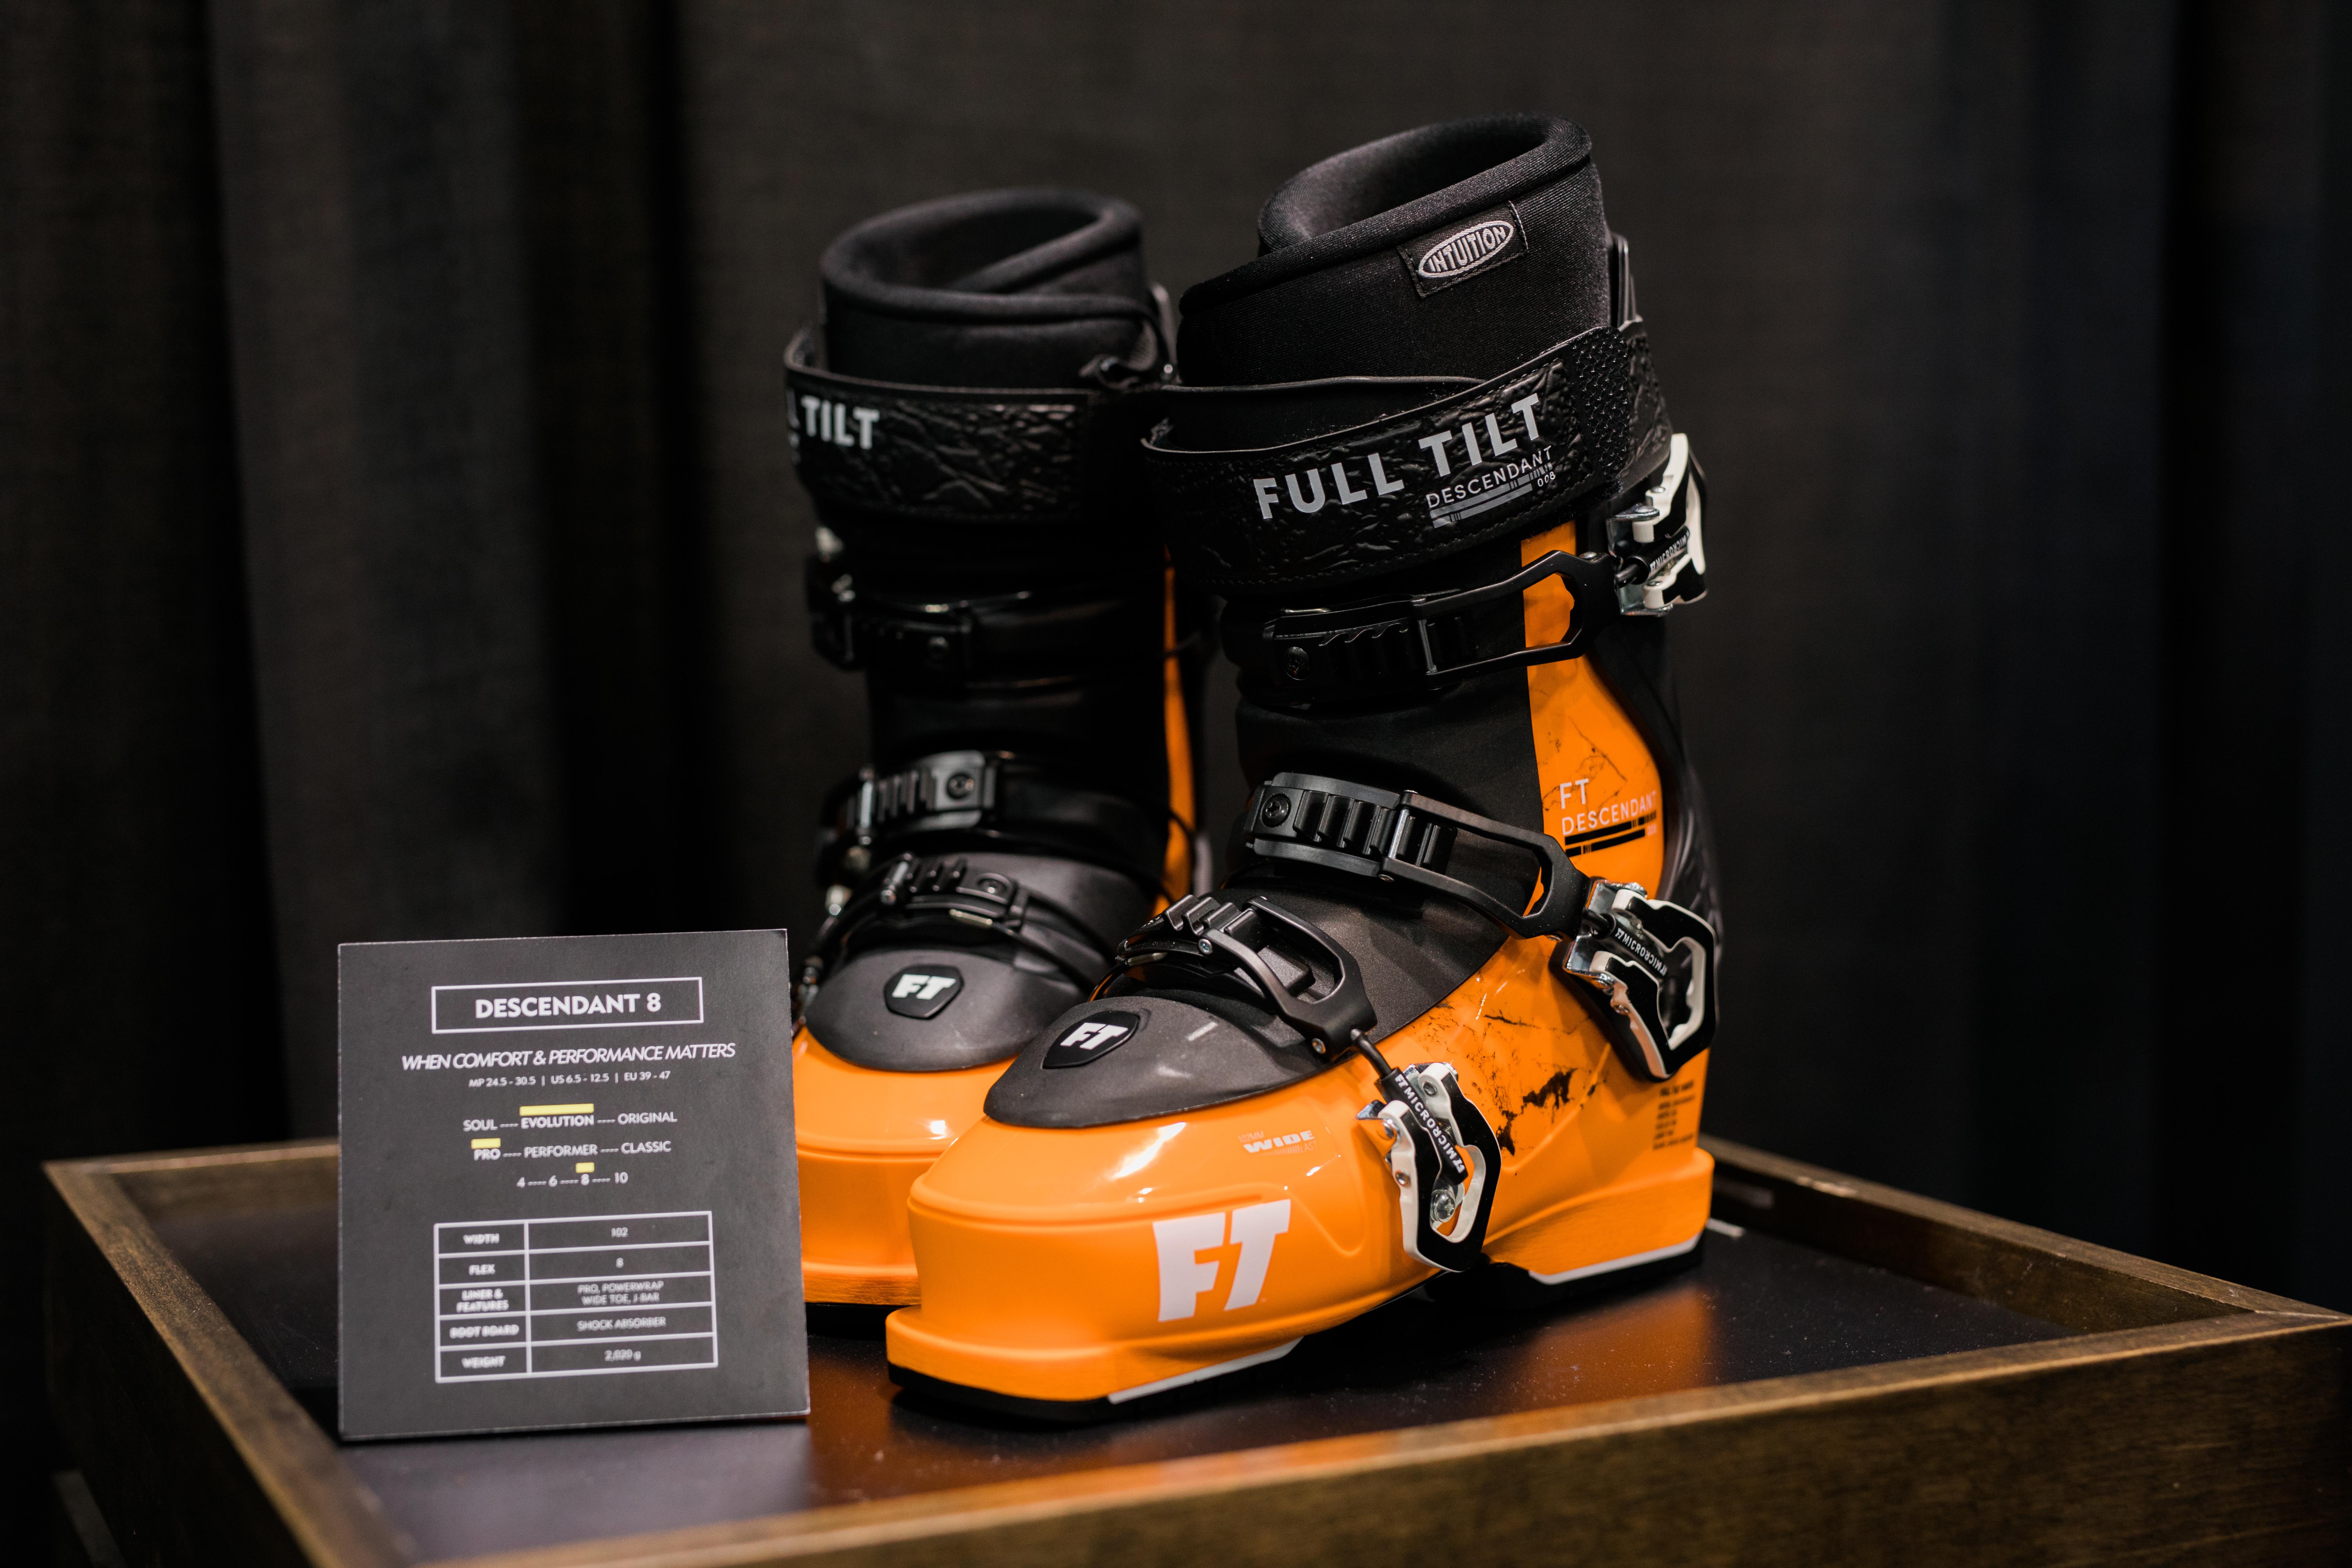 Full Tilt Boots The Descendant 8 Ski Gear 2019